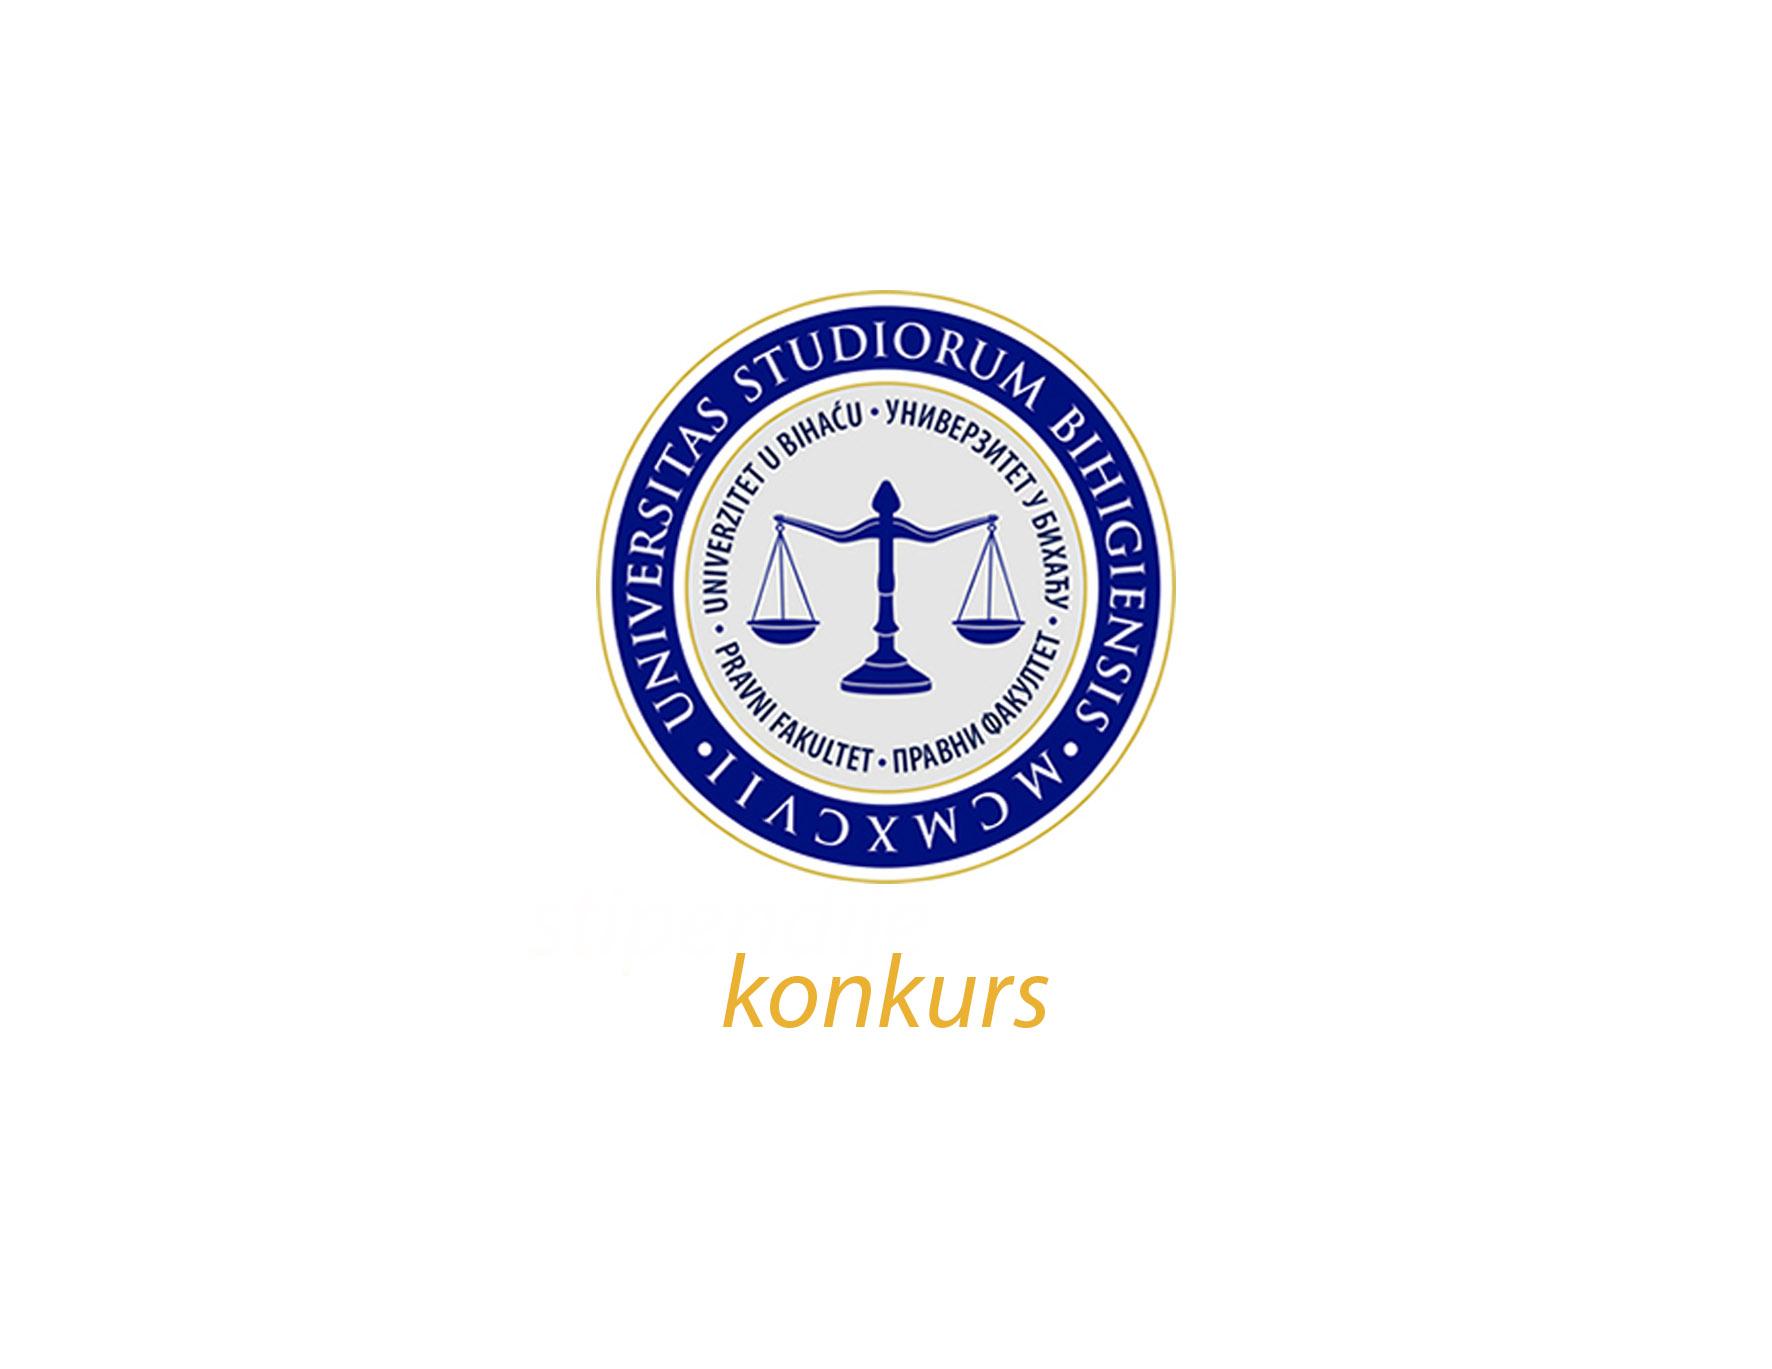 Konkurs Pravnog fakulteta Univerziteta u Bihaću